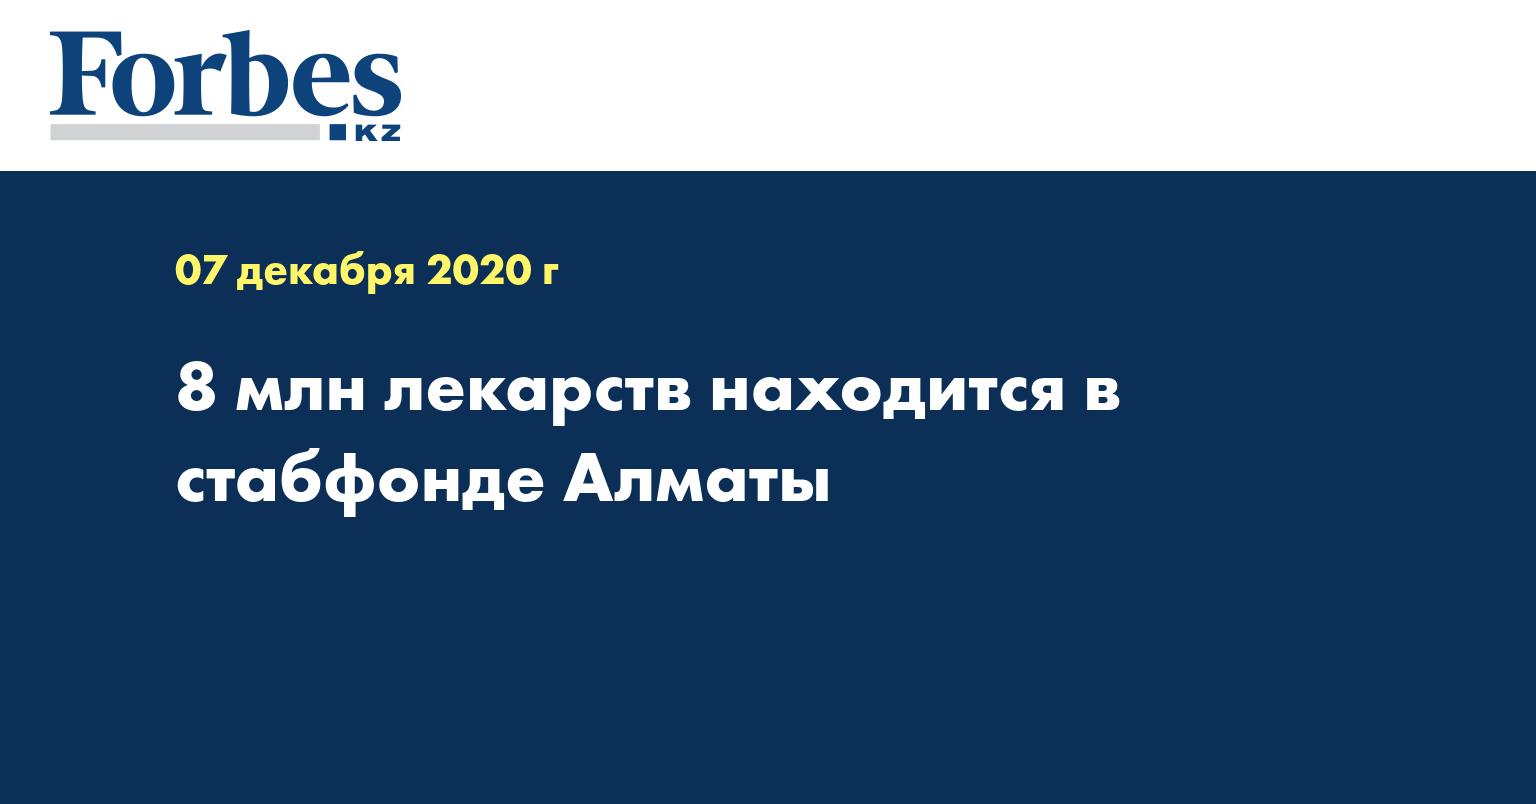 8 млн лекарств находится в стабфонде Алматы